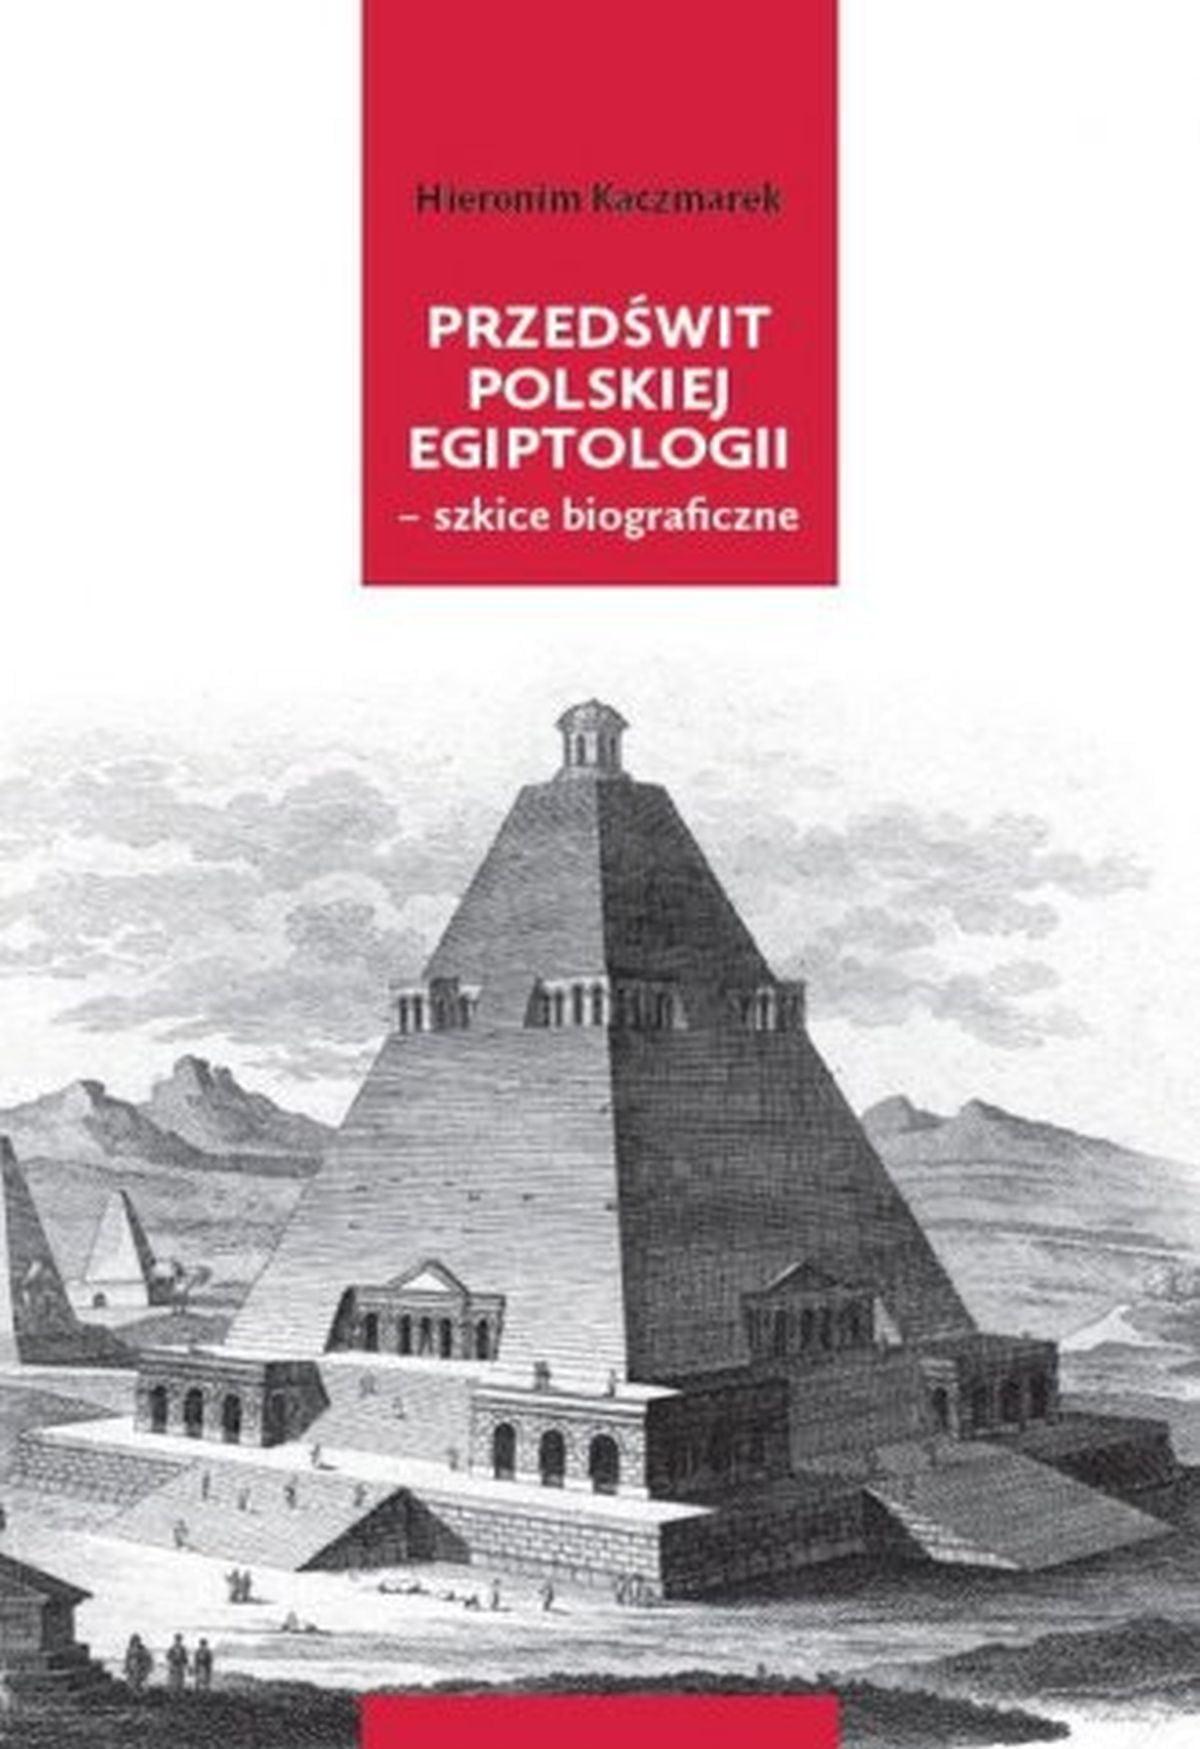 Hieronim Kaczmarek, Przedświt polskiej egiptologii - szkice biograficzne